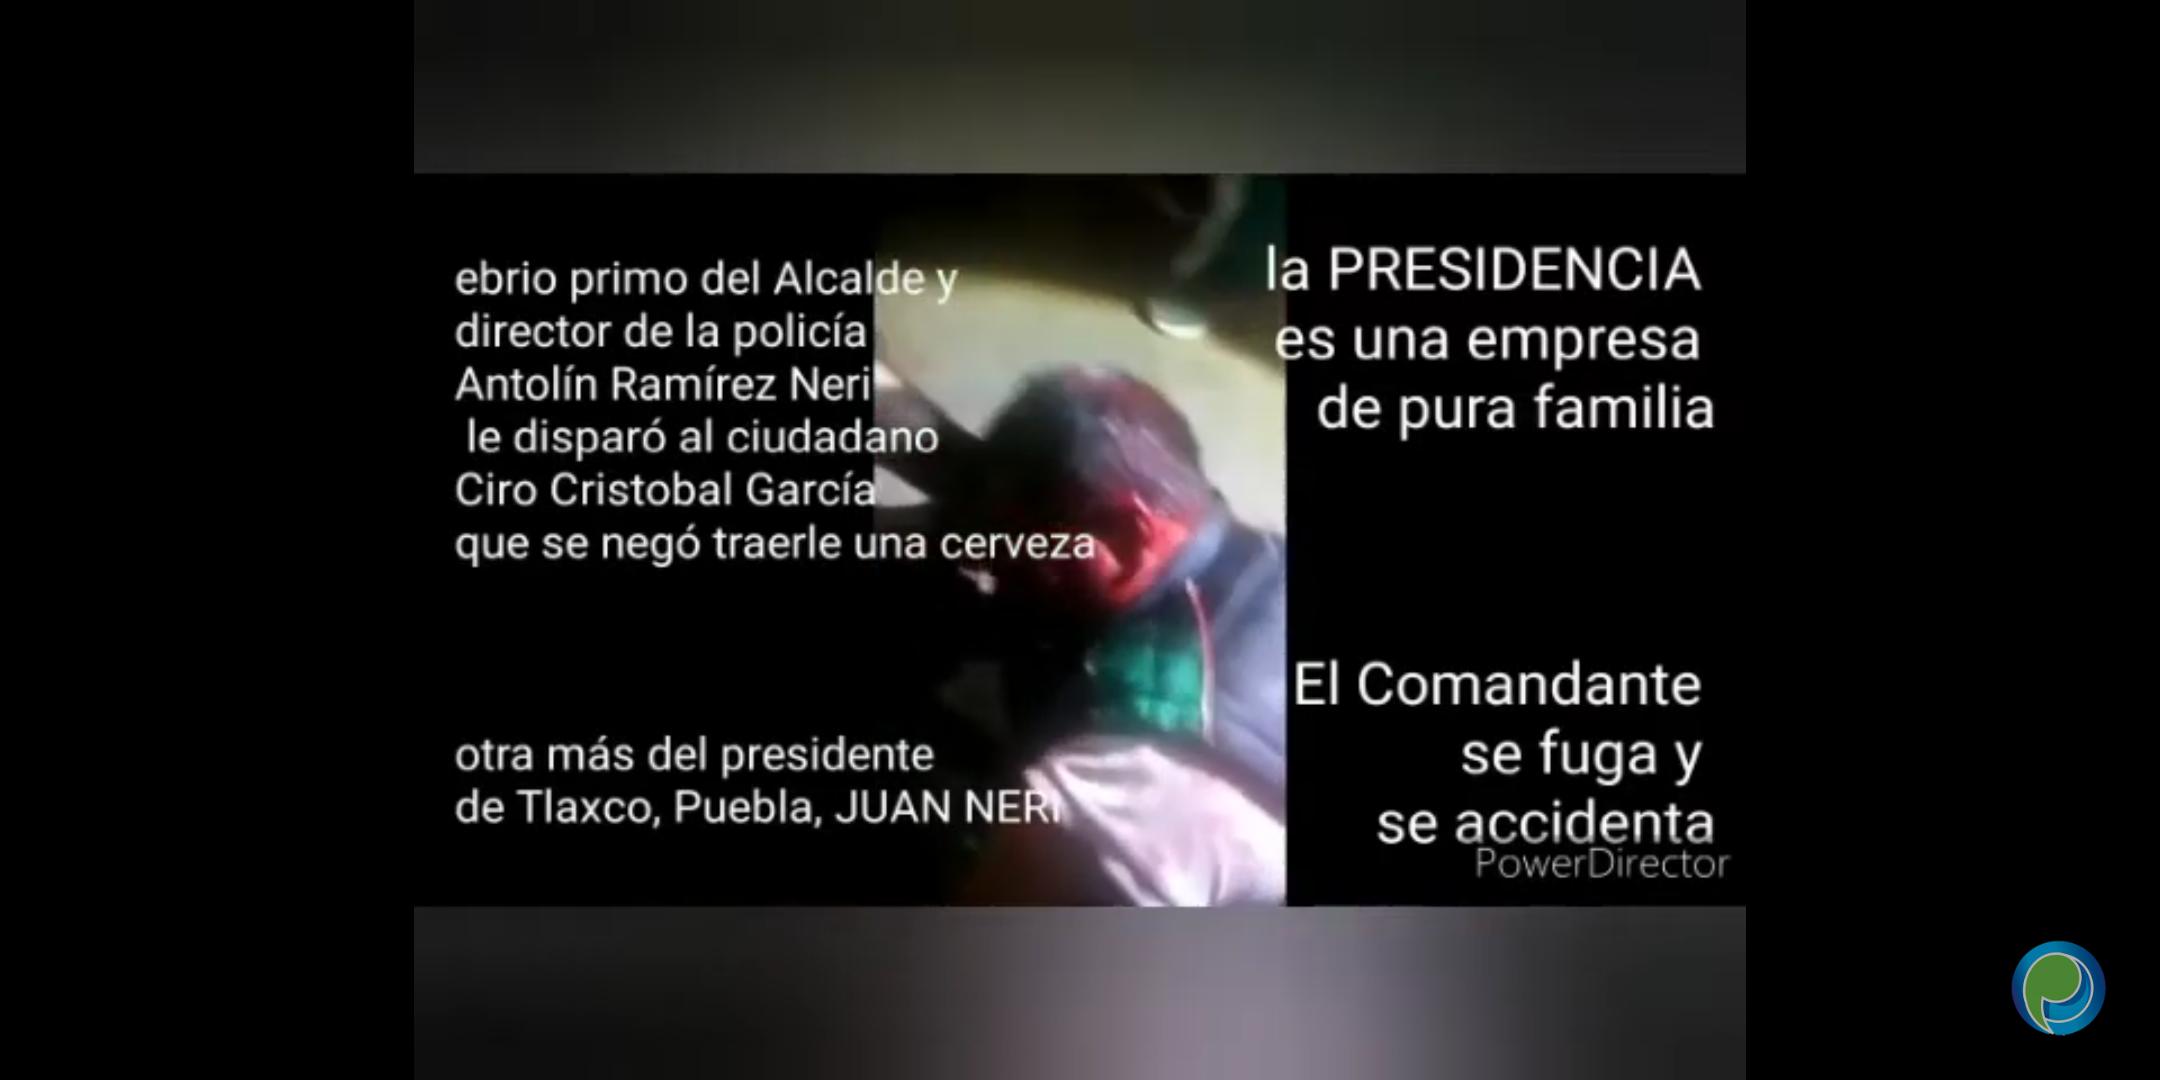 Acusan al director de la policía de Tlaxco de disparar a un ciudadano por no llevarle cerveza